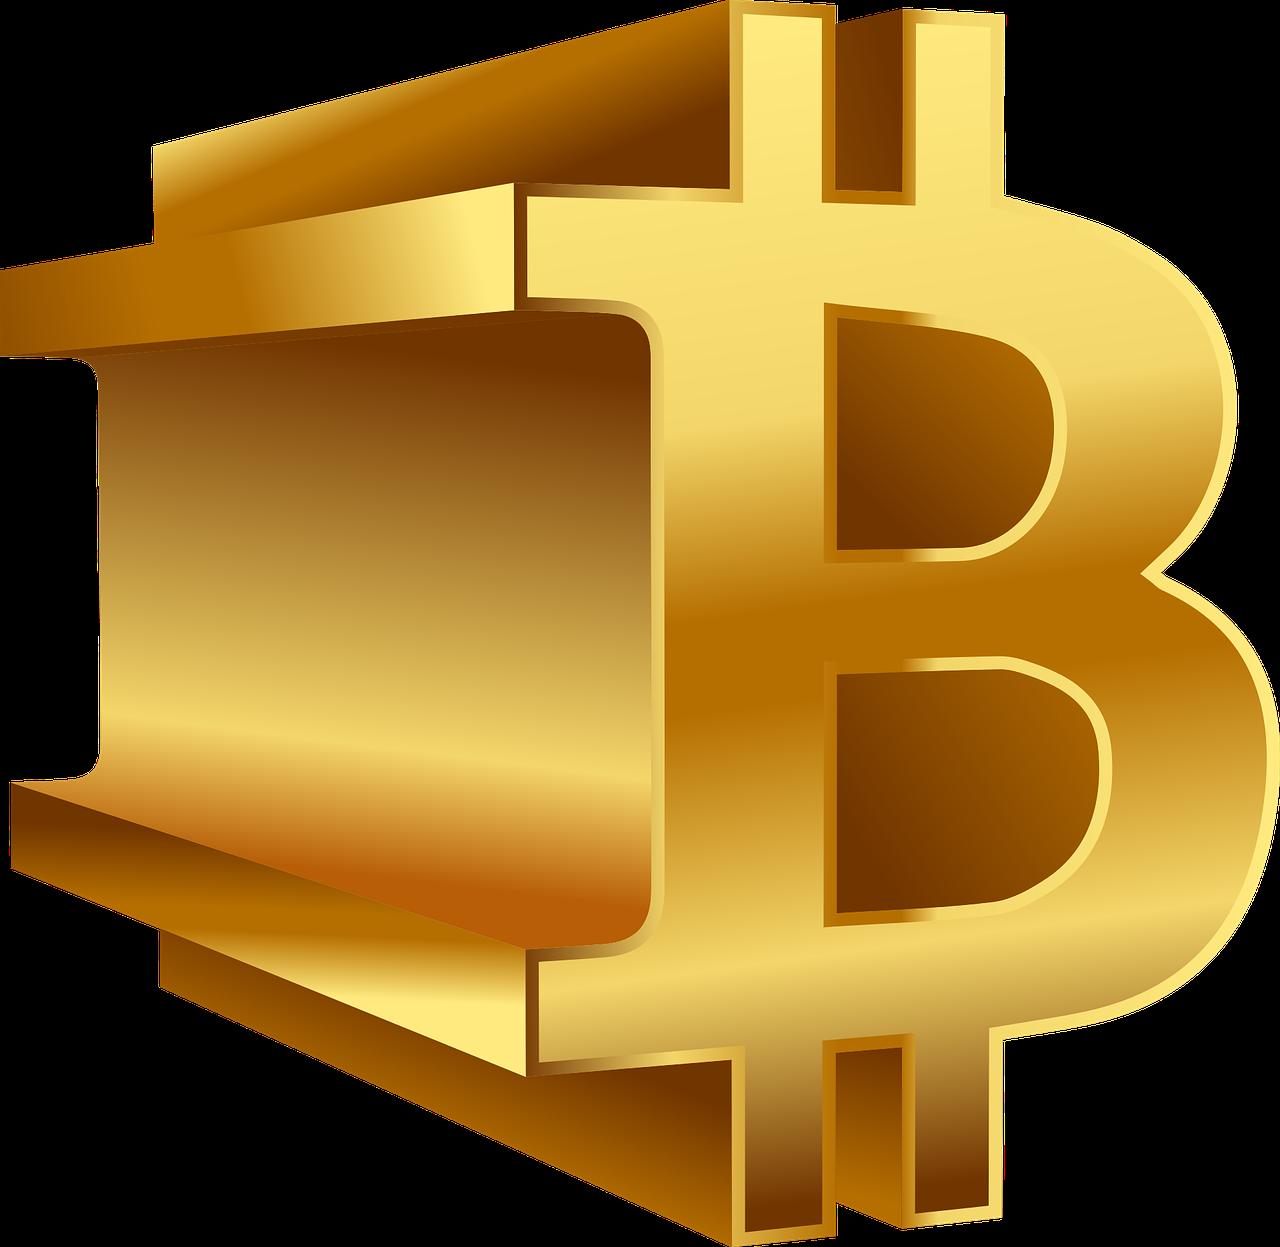 bitcoin xxl